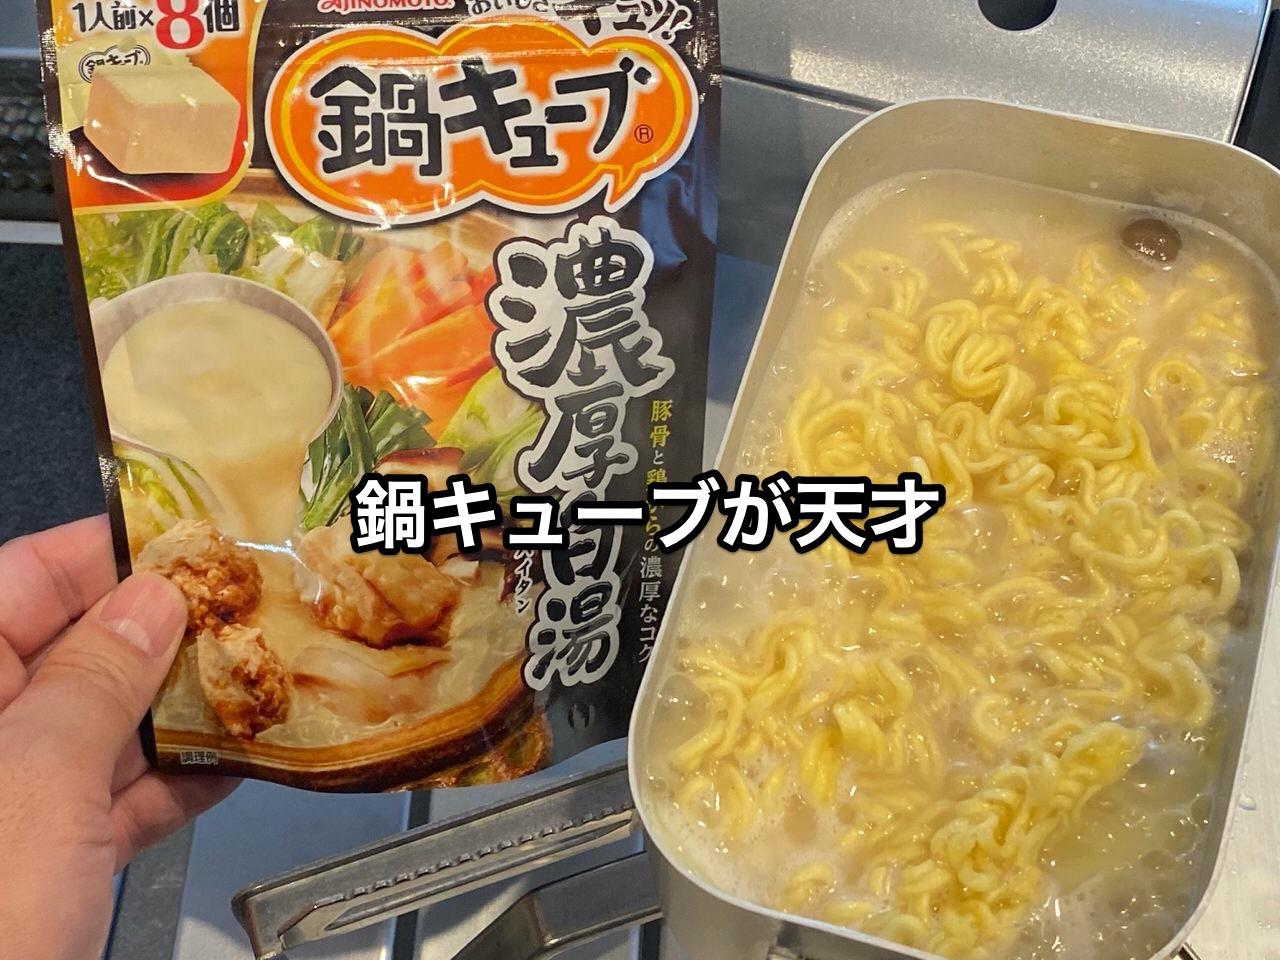 「メスティン」インスタントラーメンを作る時に鍋キューブ濃厚白湯を使うと最高に旨い、合格!